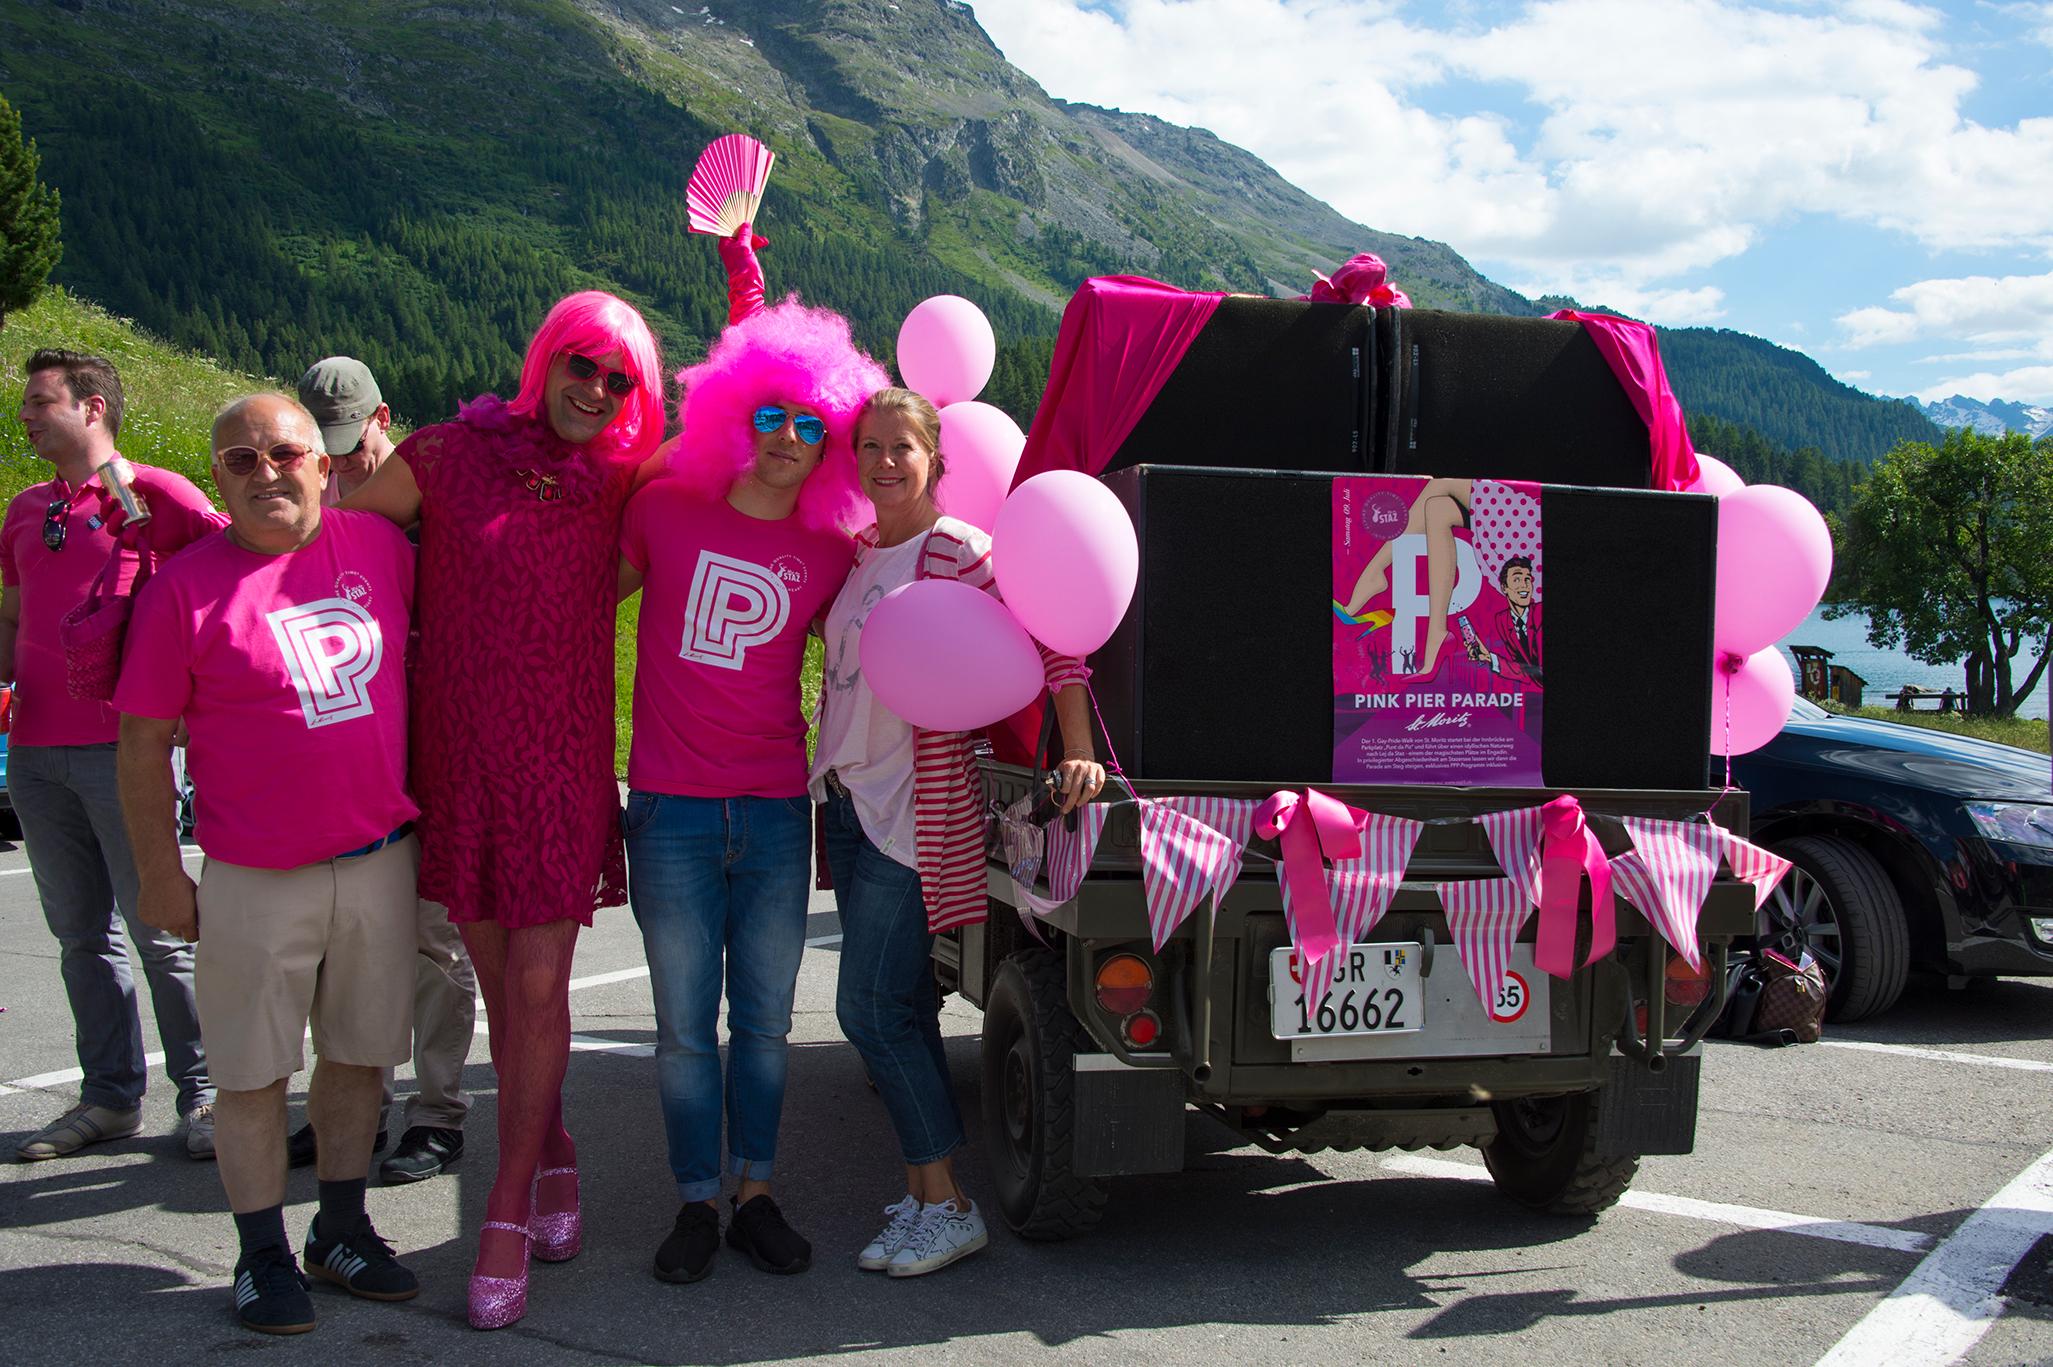 pink-pier-parade-2016-lovemobil-start.jpg